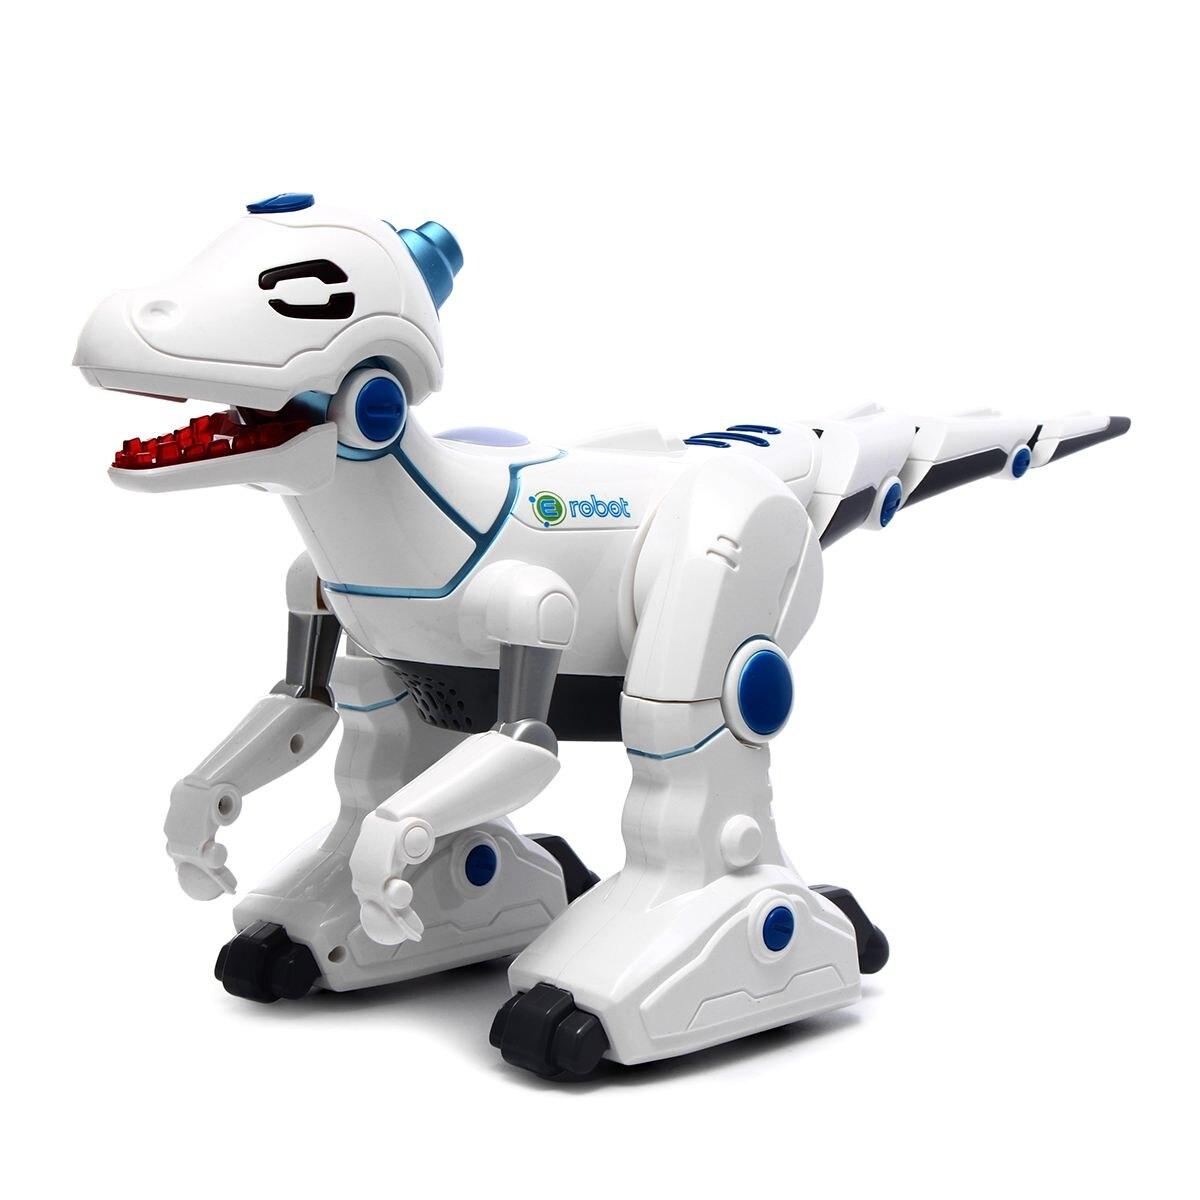 Smart Dinosaure Robot Électronique Télécommande Marche Chant Danse Sound Light Jouets Jouets Éducatifs Enfants Cadeau De Noël